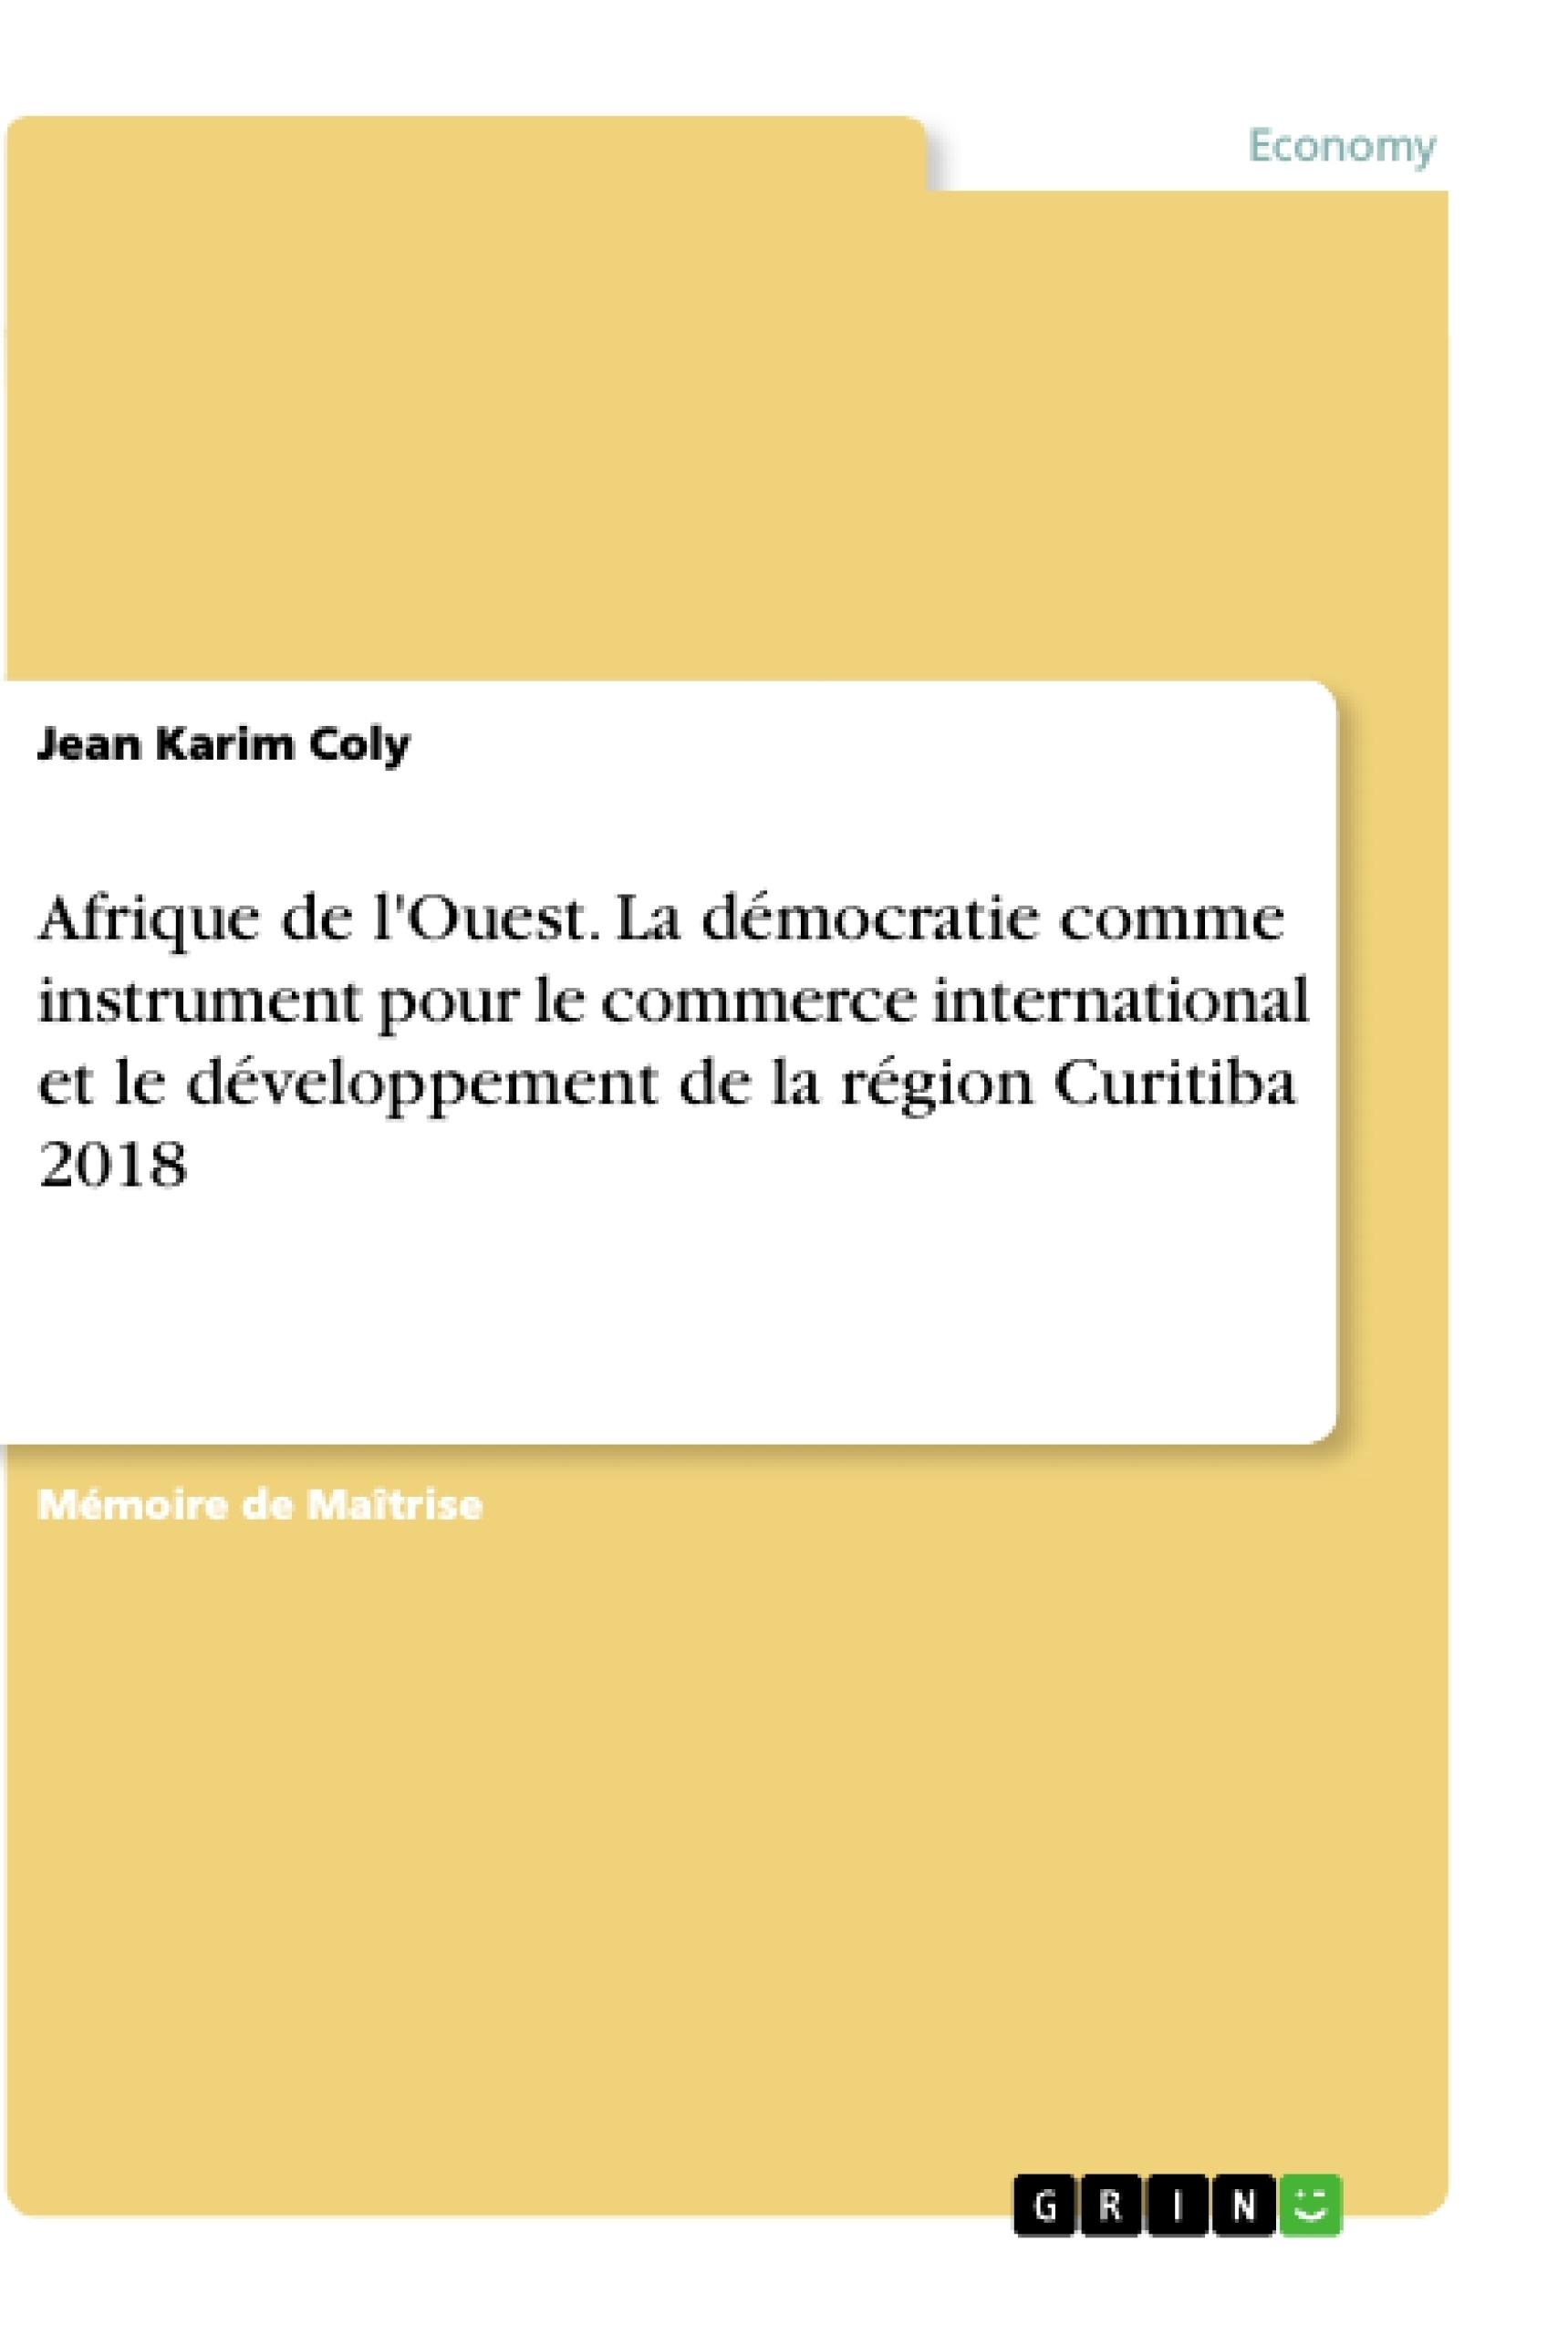 Titre: Afrique de l'Ouest. La démocratie comme instrument pour le commerce international et le développement de la région Curitiba 2018